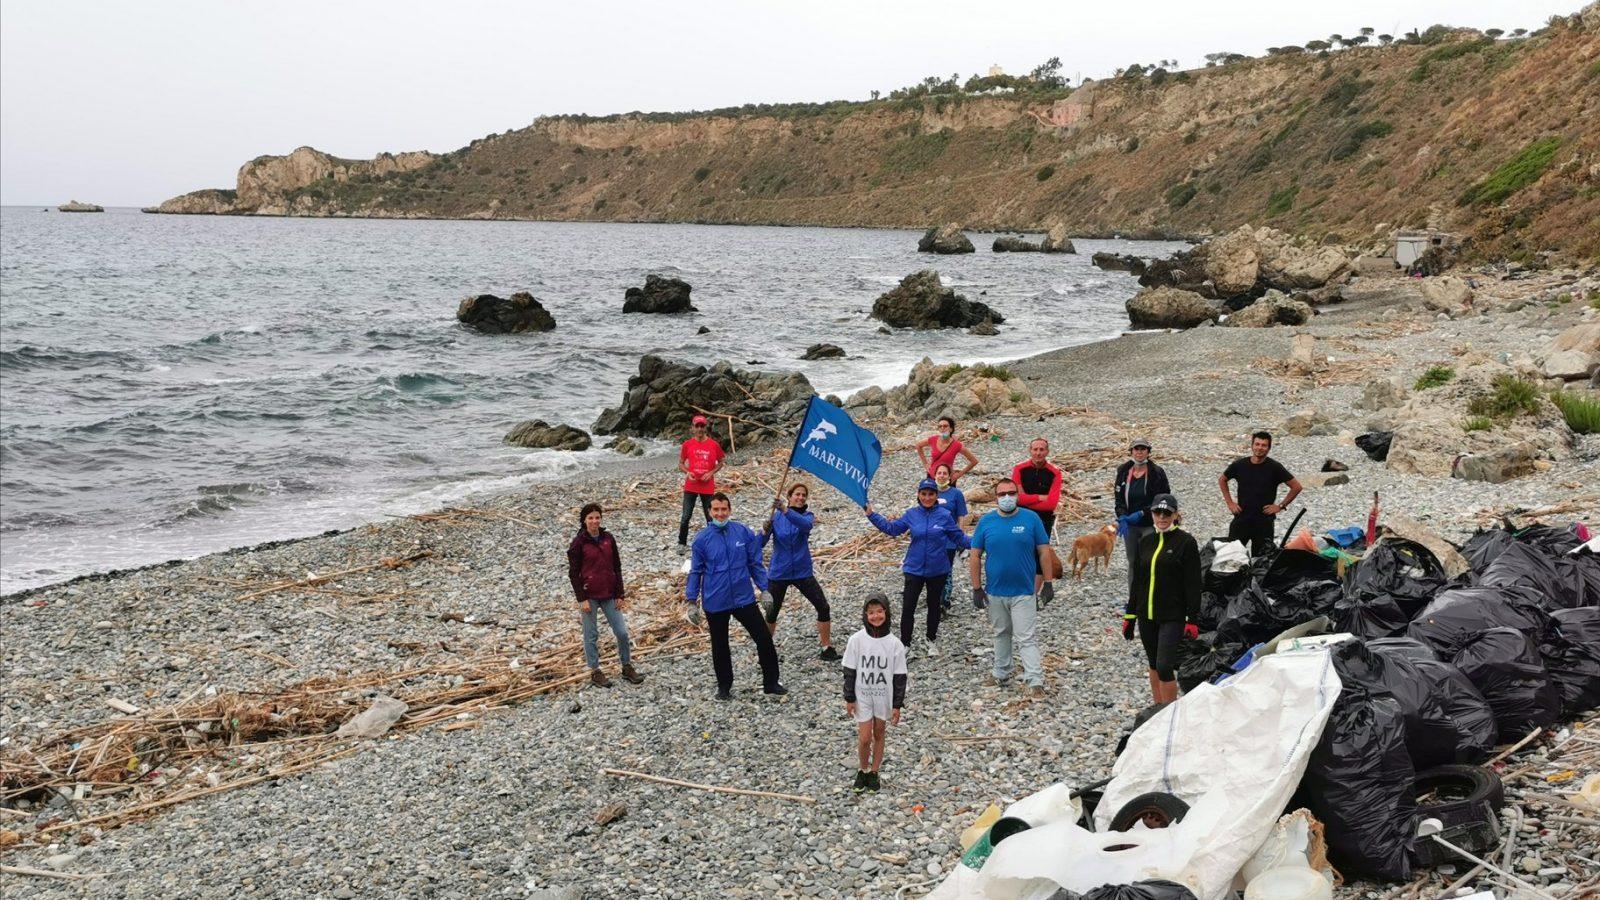 belle notizie da messina e dal mondo: pulizia spiaggia di Milazzo